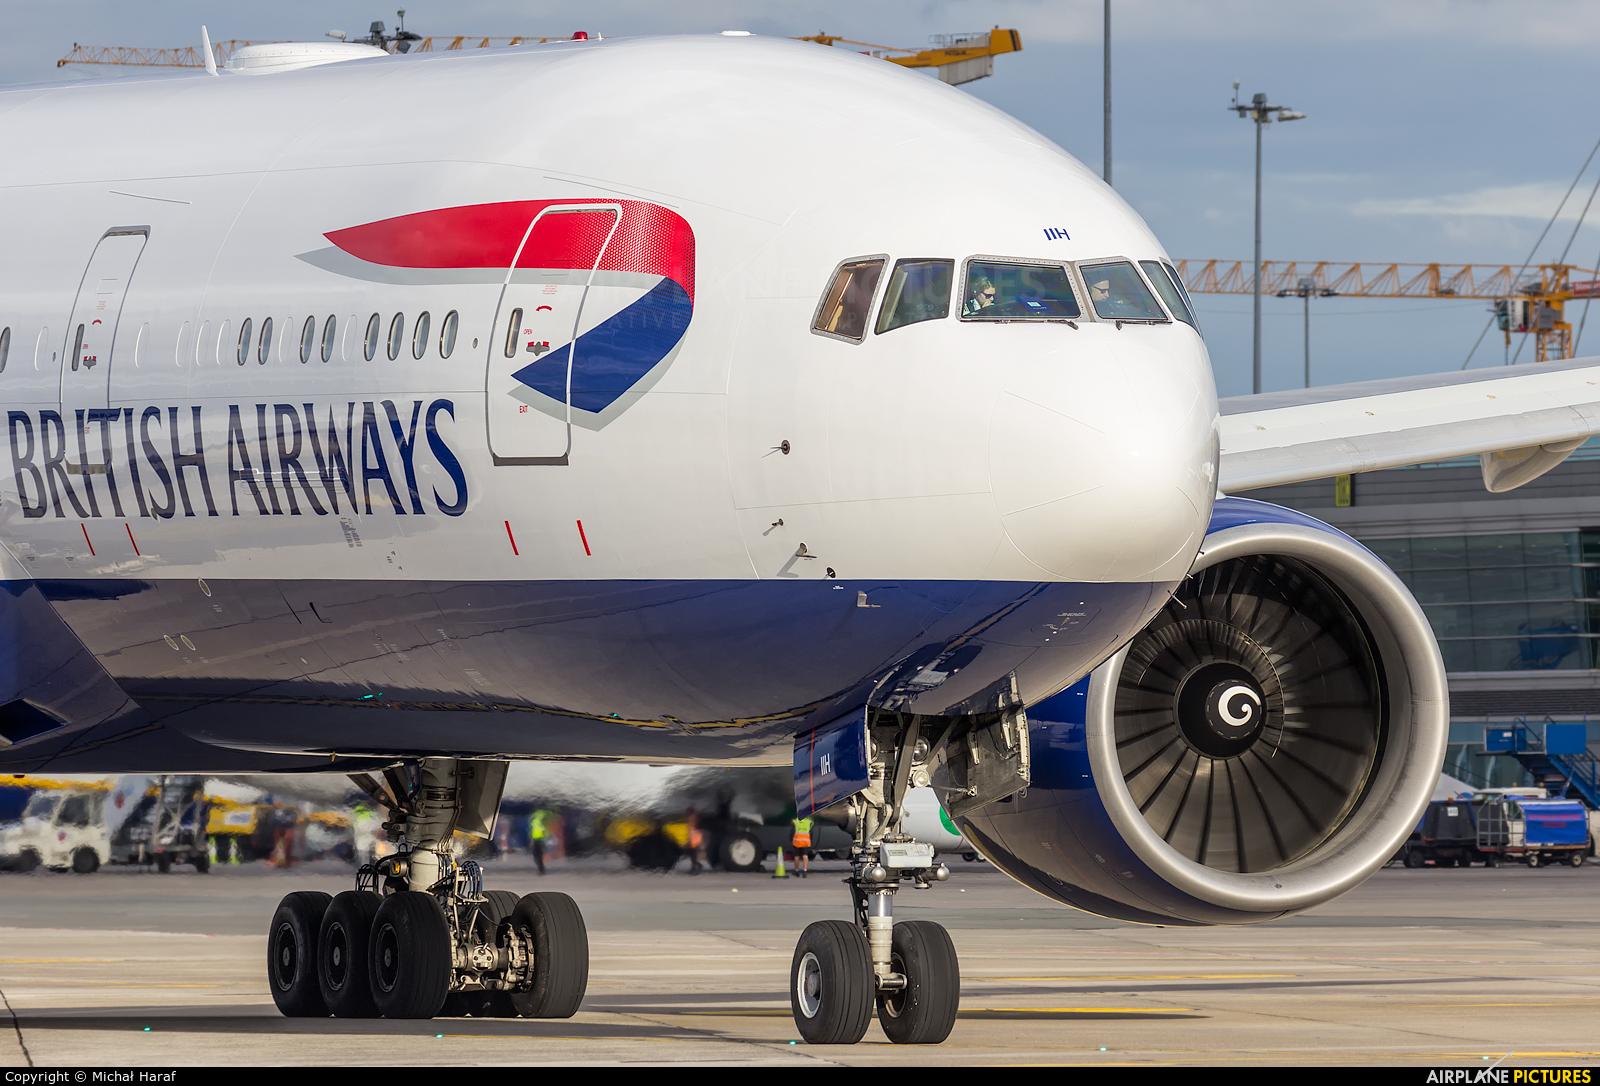 British Airways G-VIIH aircraft at Dublin